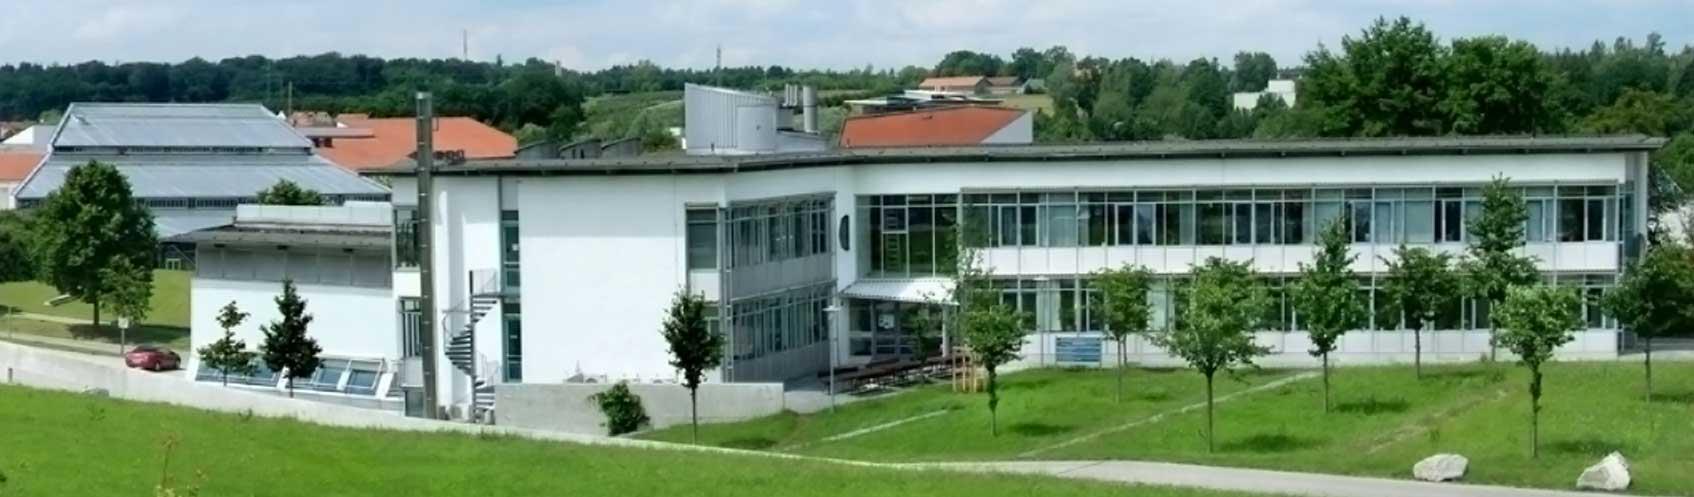 Technische Universität München + Wissenschaftszentrum Weihenstephan